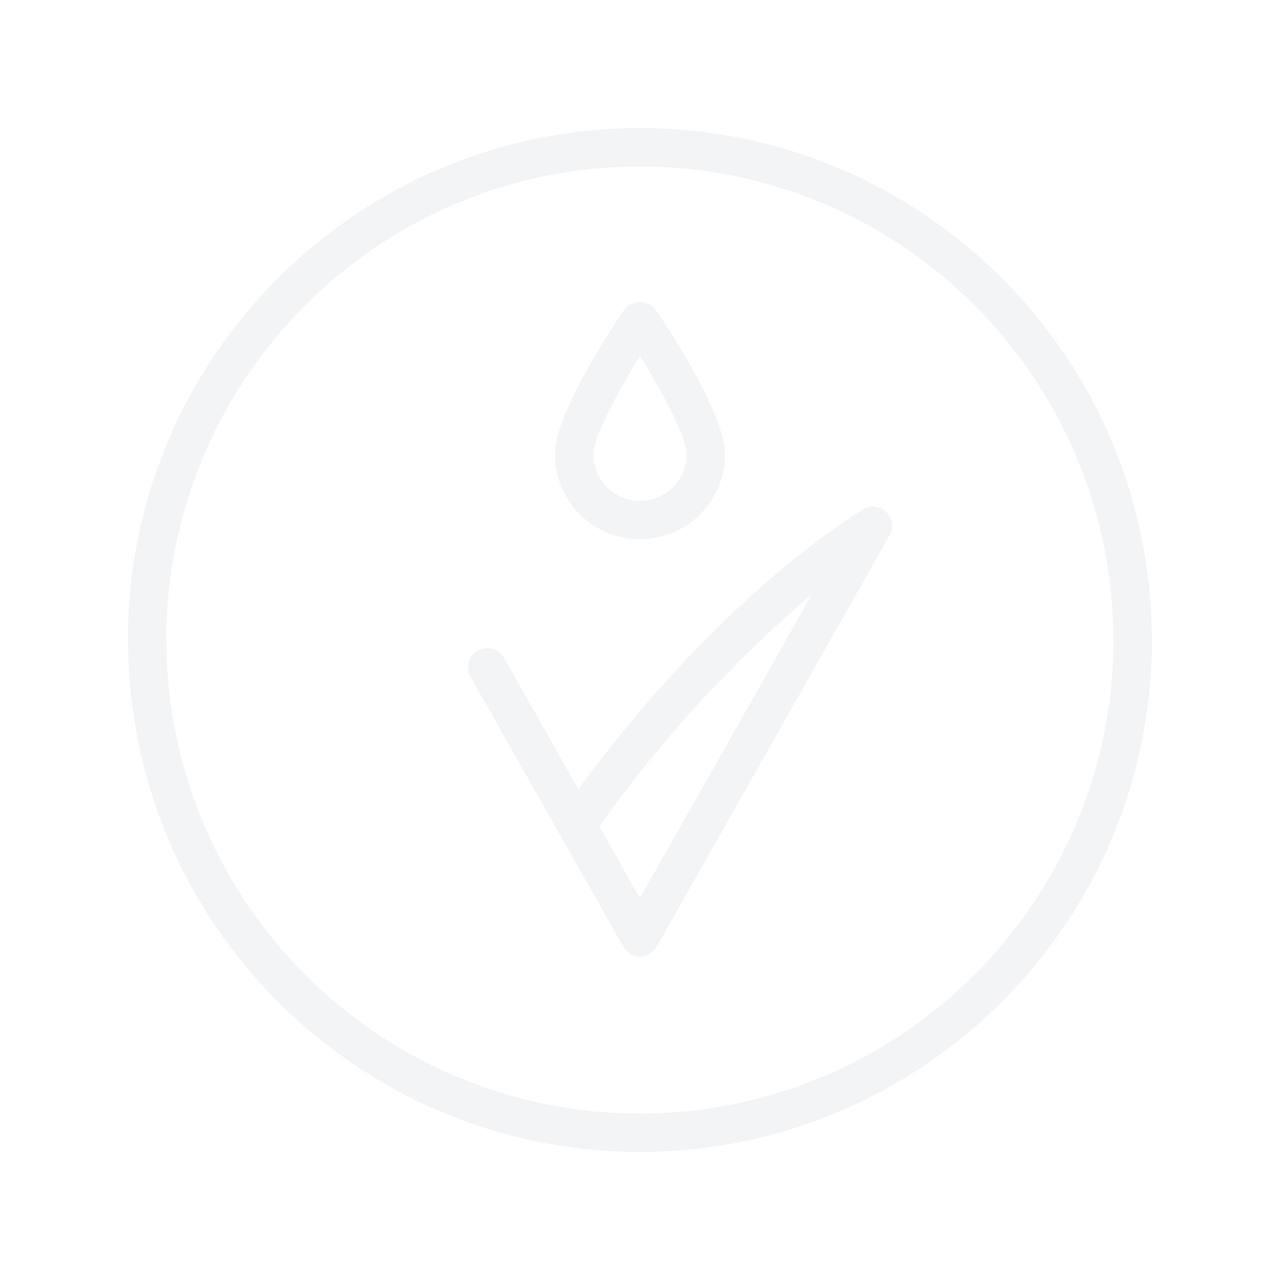 SENSAI Blooming Blush 4g